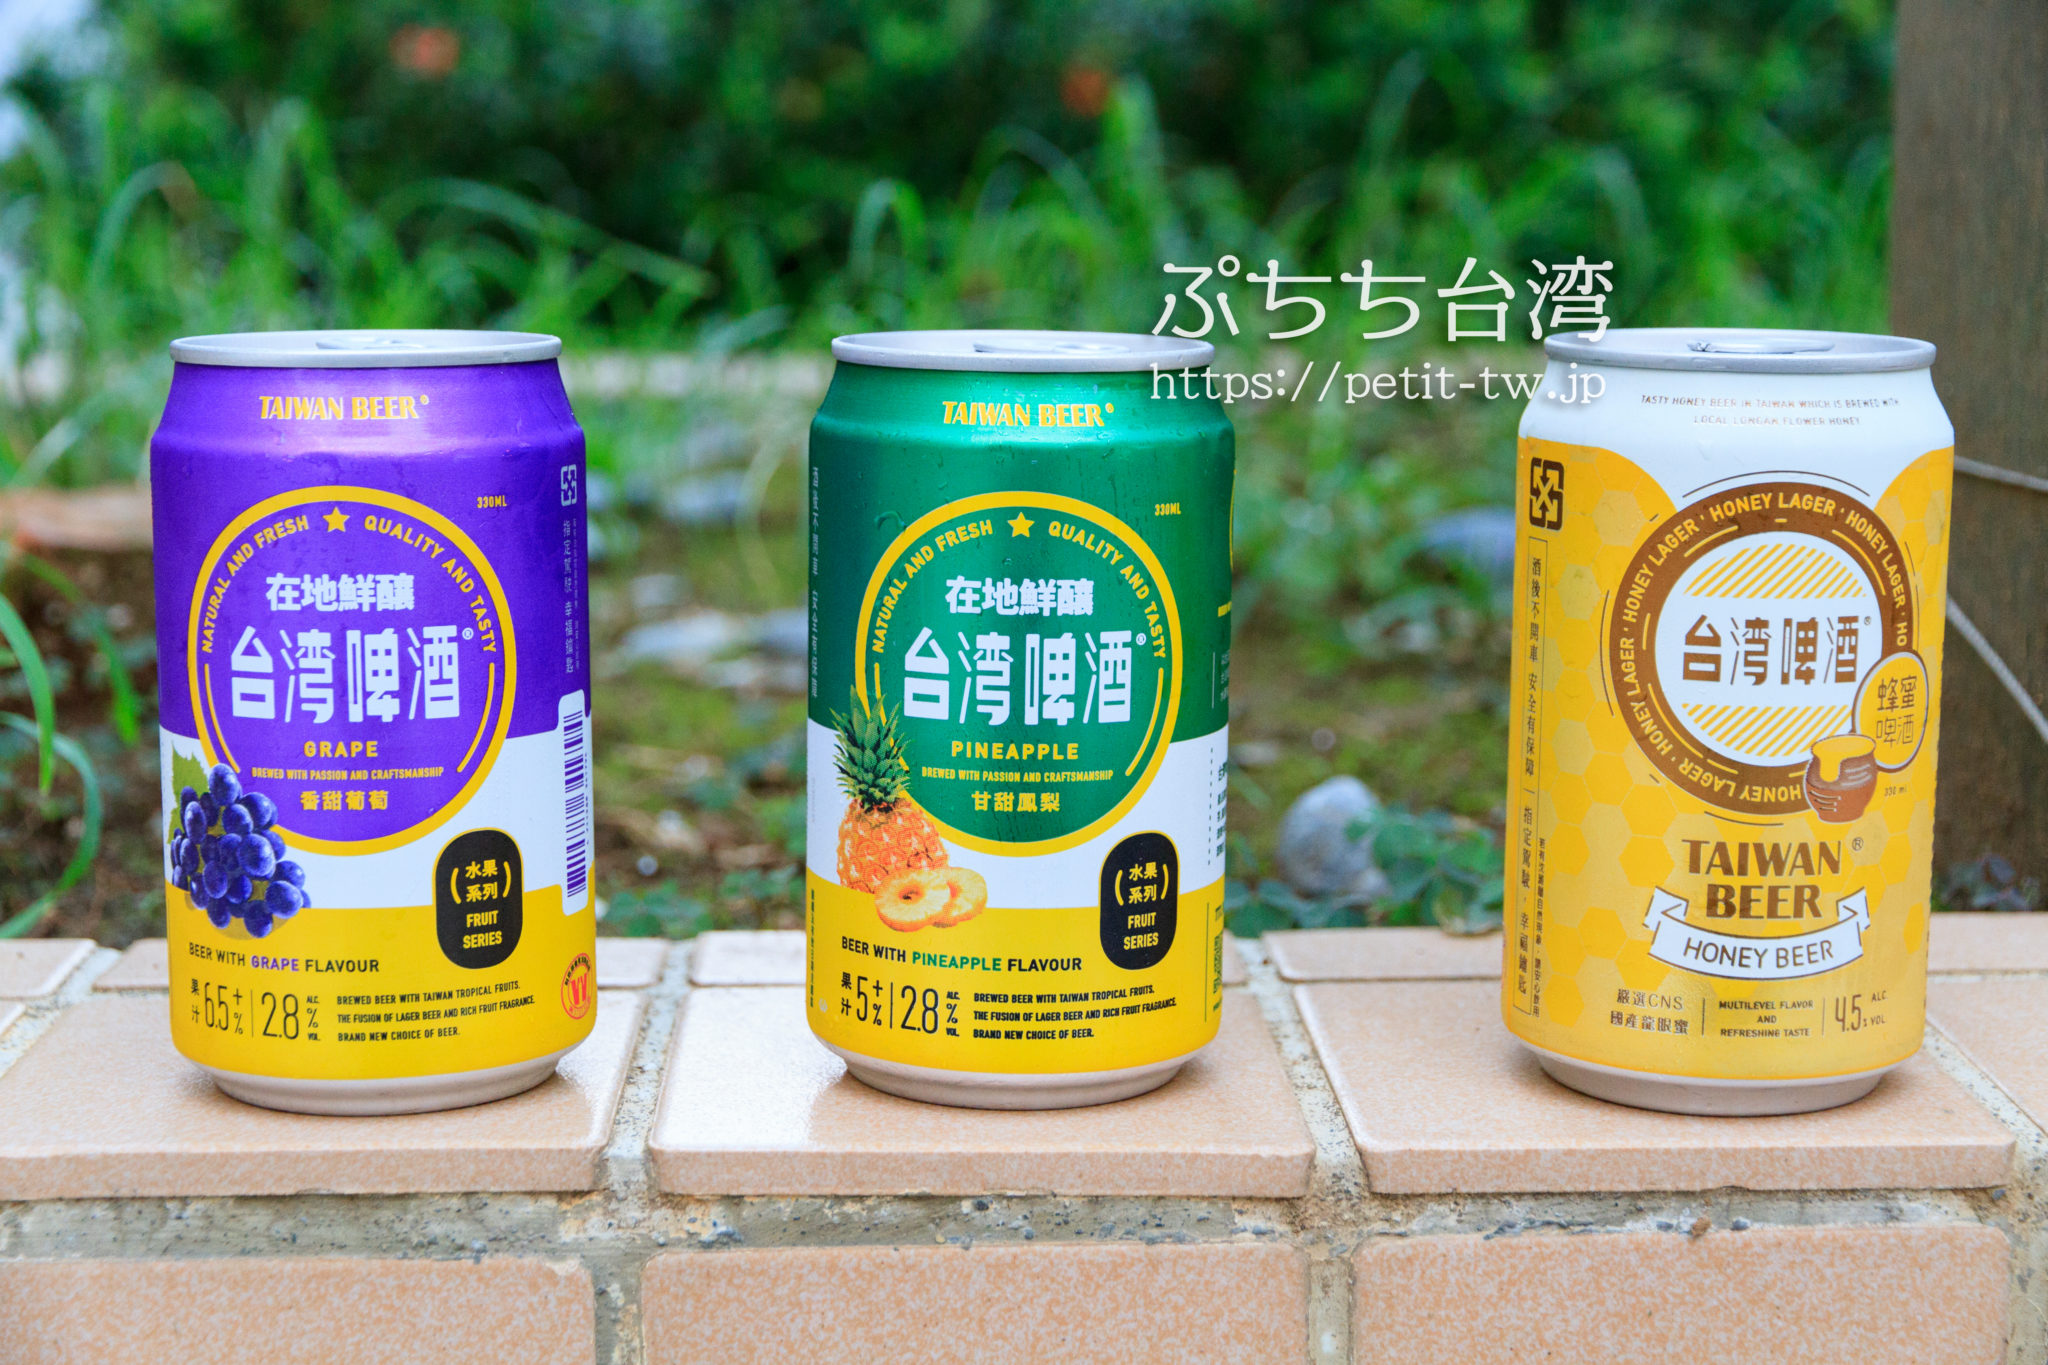 台湾ビール フルーツ味